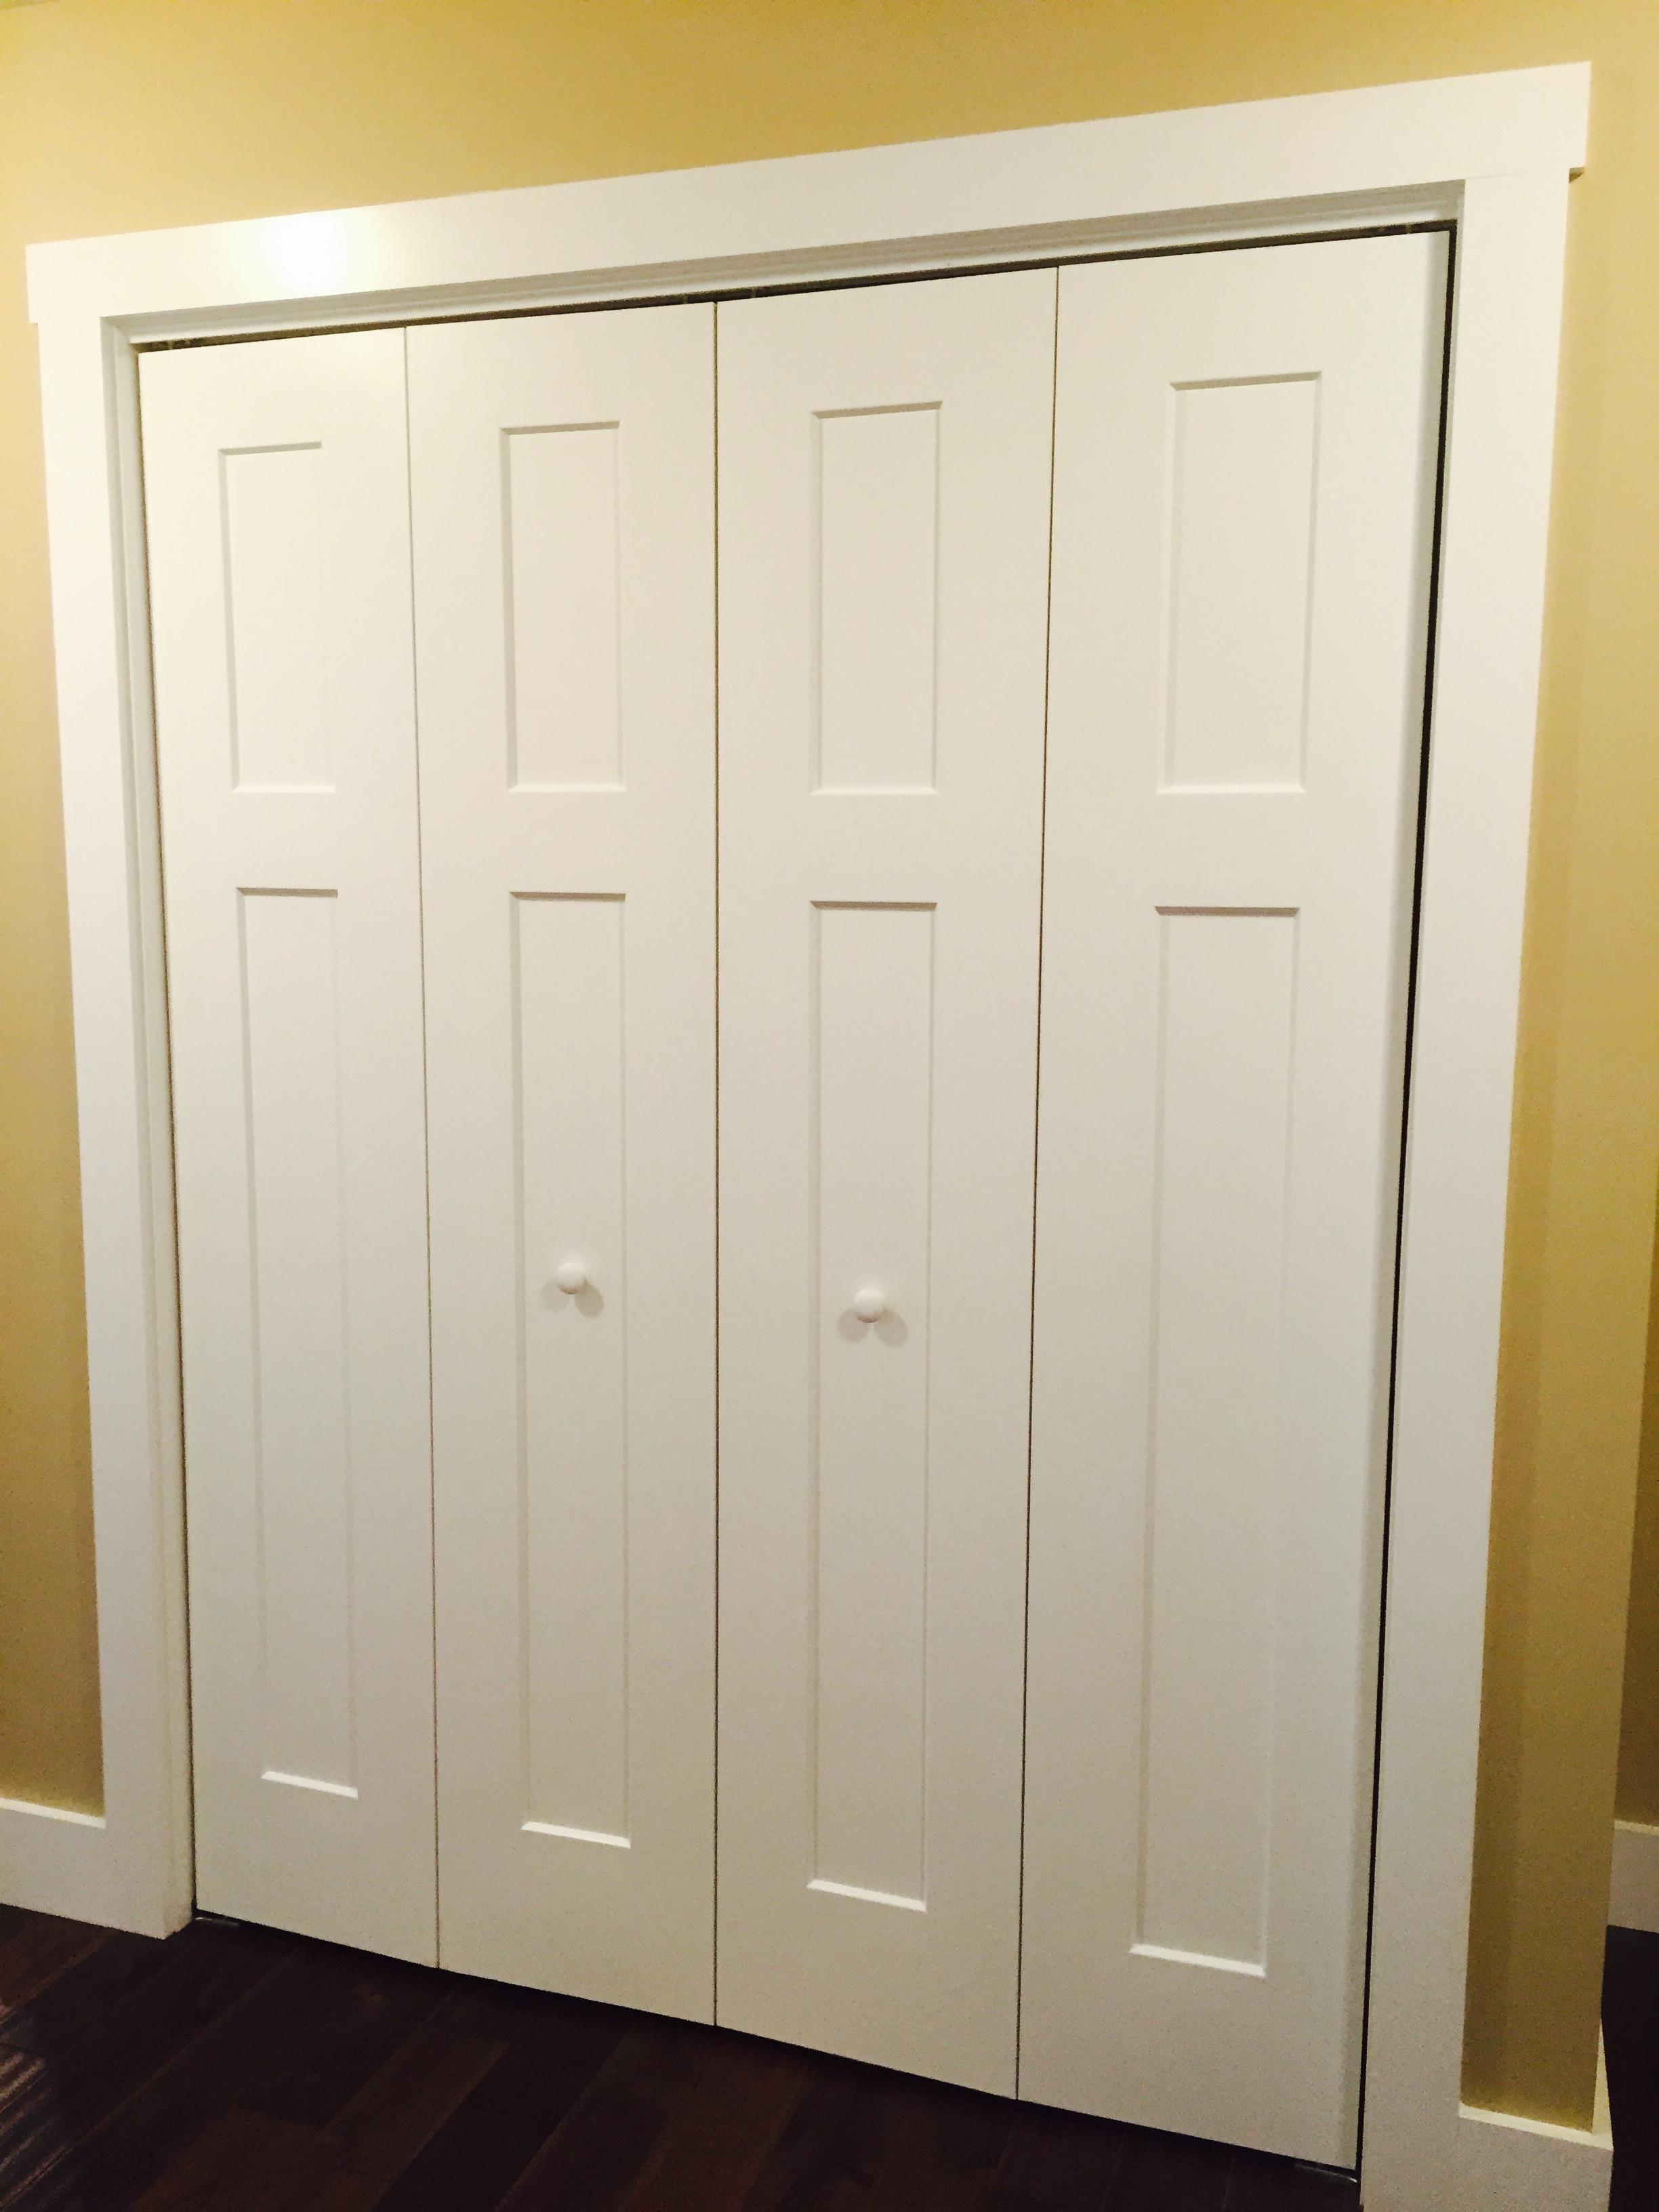 Craftsman closet doors